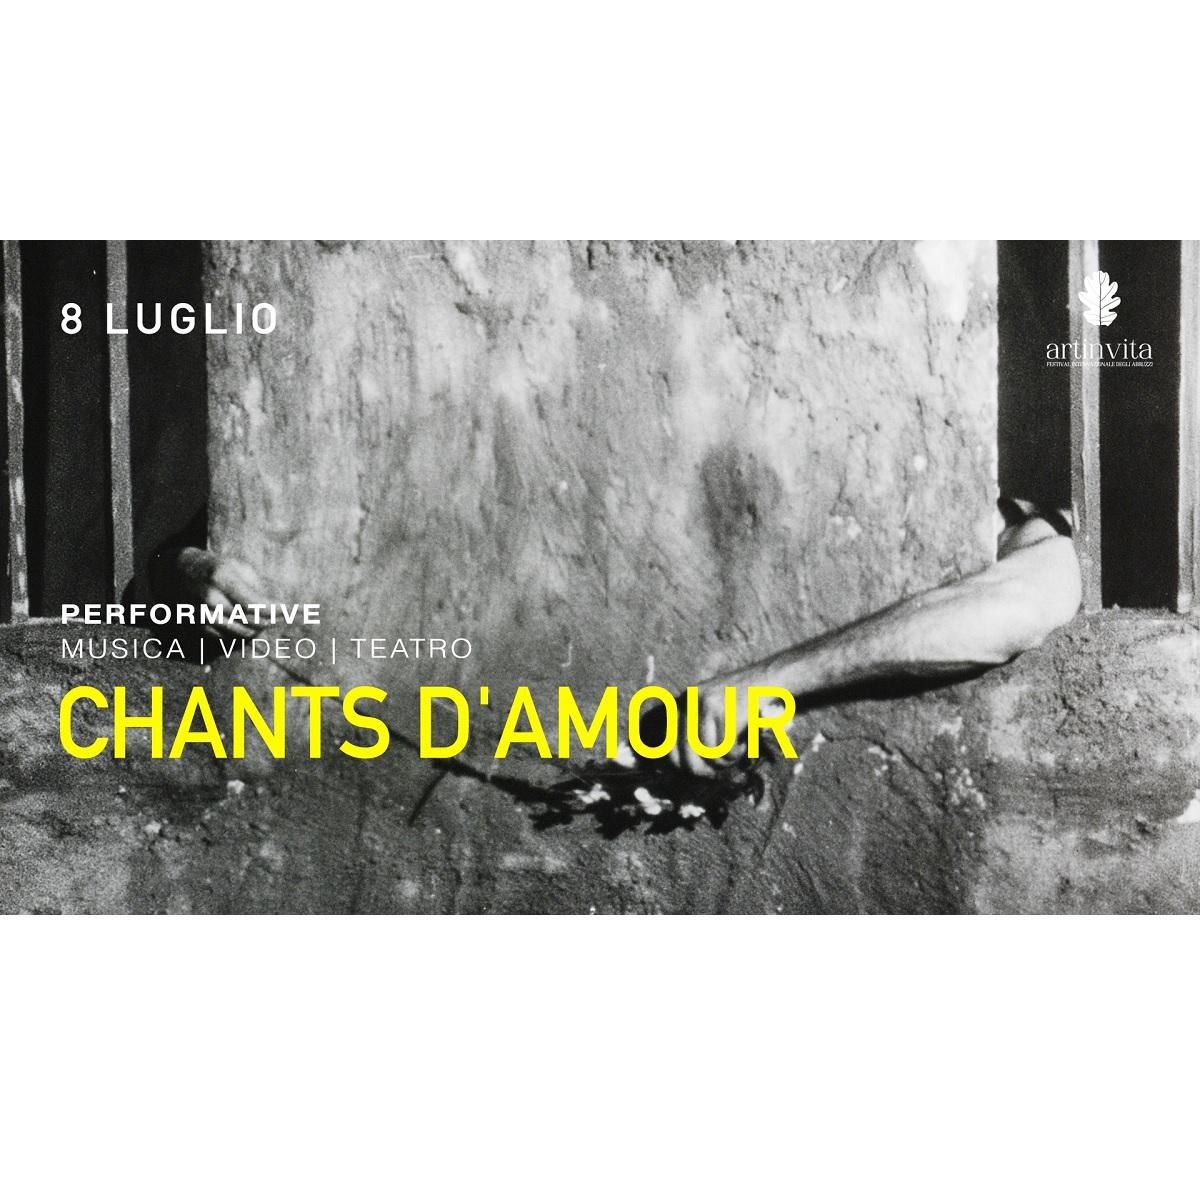 Chants d'Amour a Crecchio giovedì 8 luglio 2021 foto